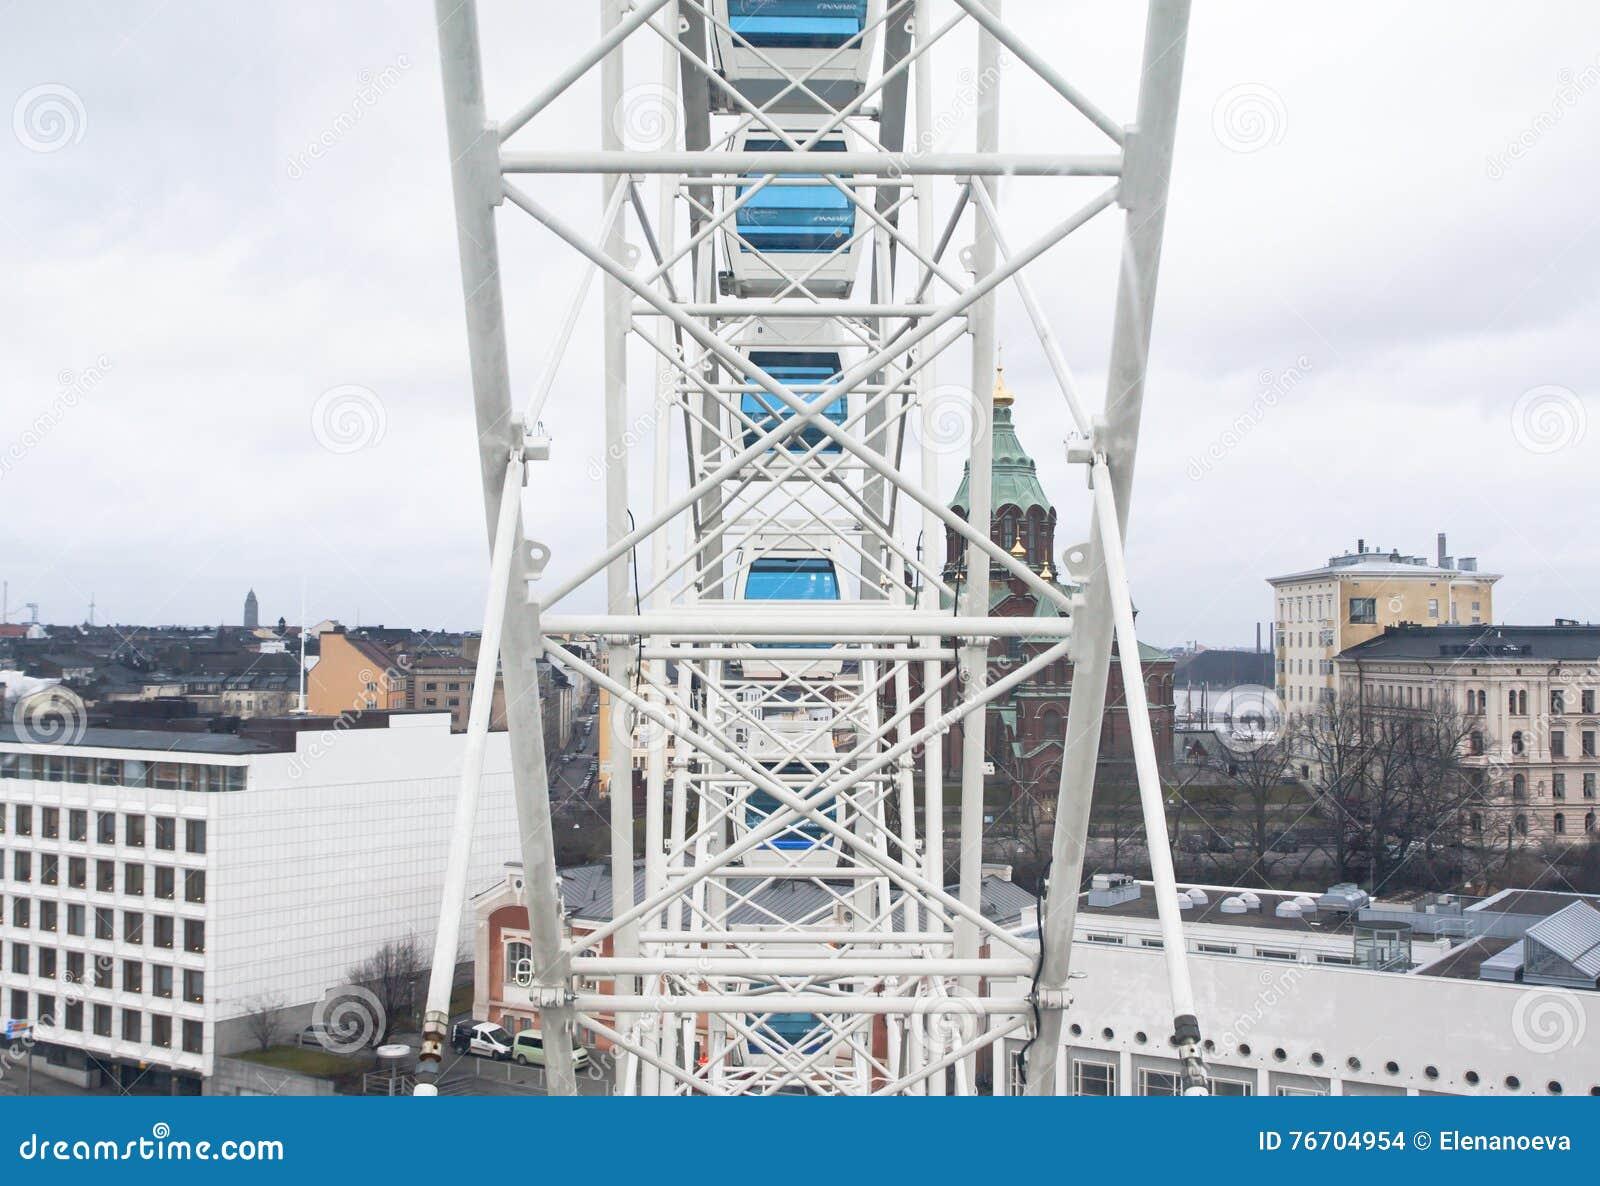 Helsínquia, Finlandia 21 de dezembro de 2015 - Ferris Wheel no porto de Helsínquia